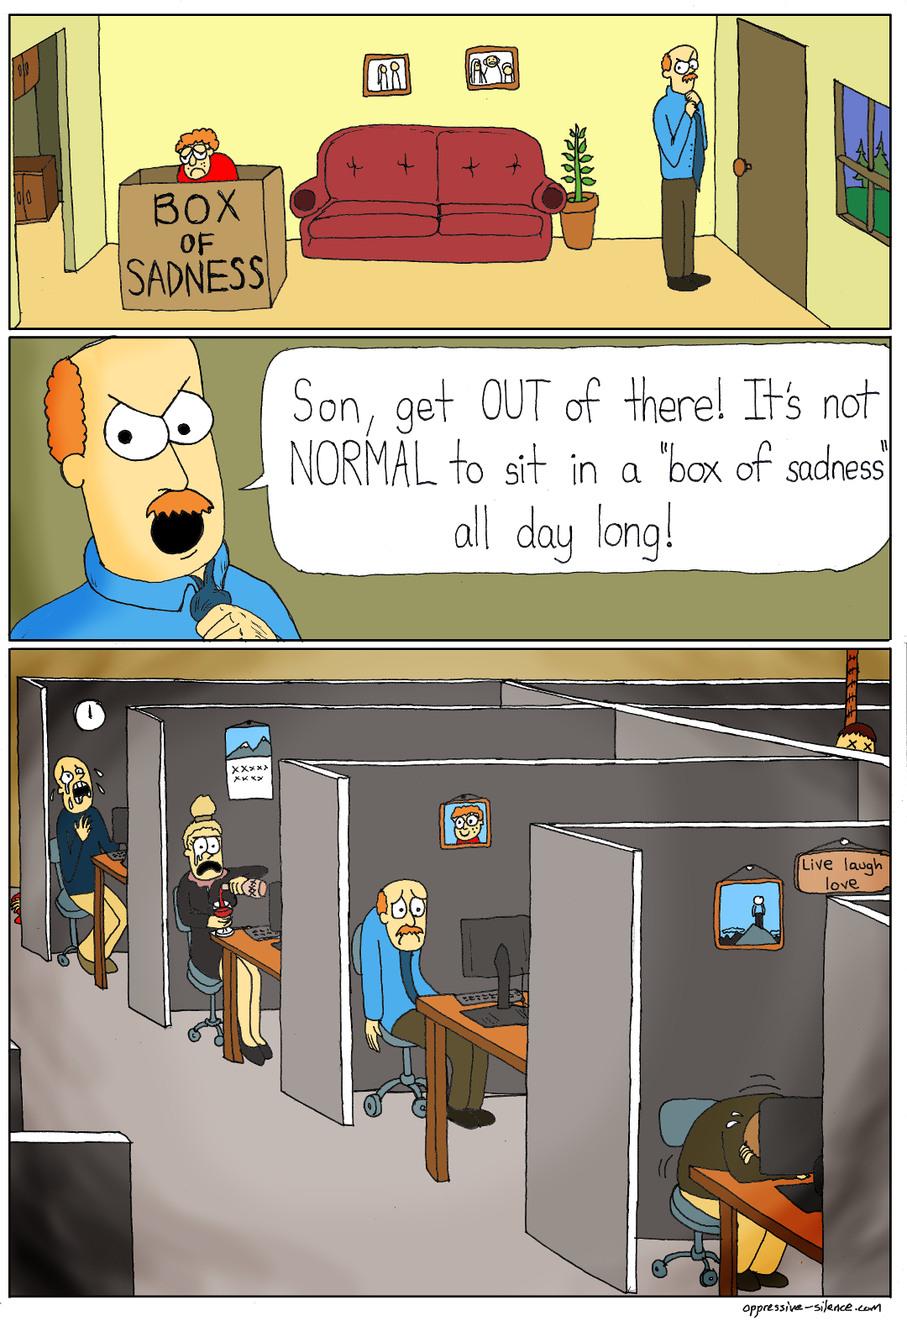 It is sadly true - meme